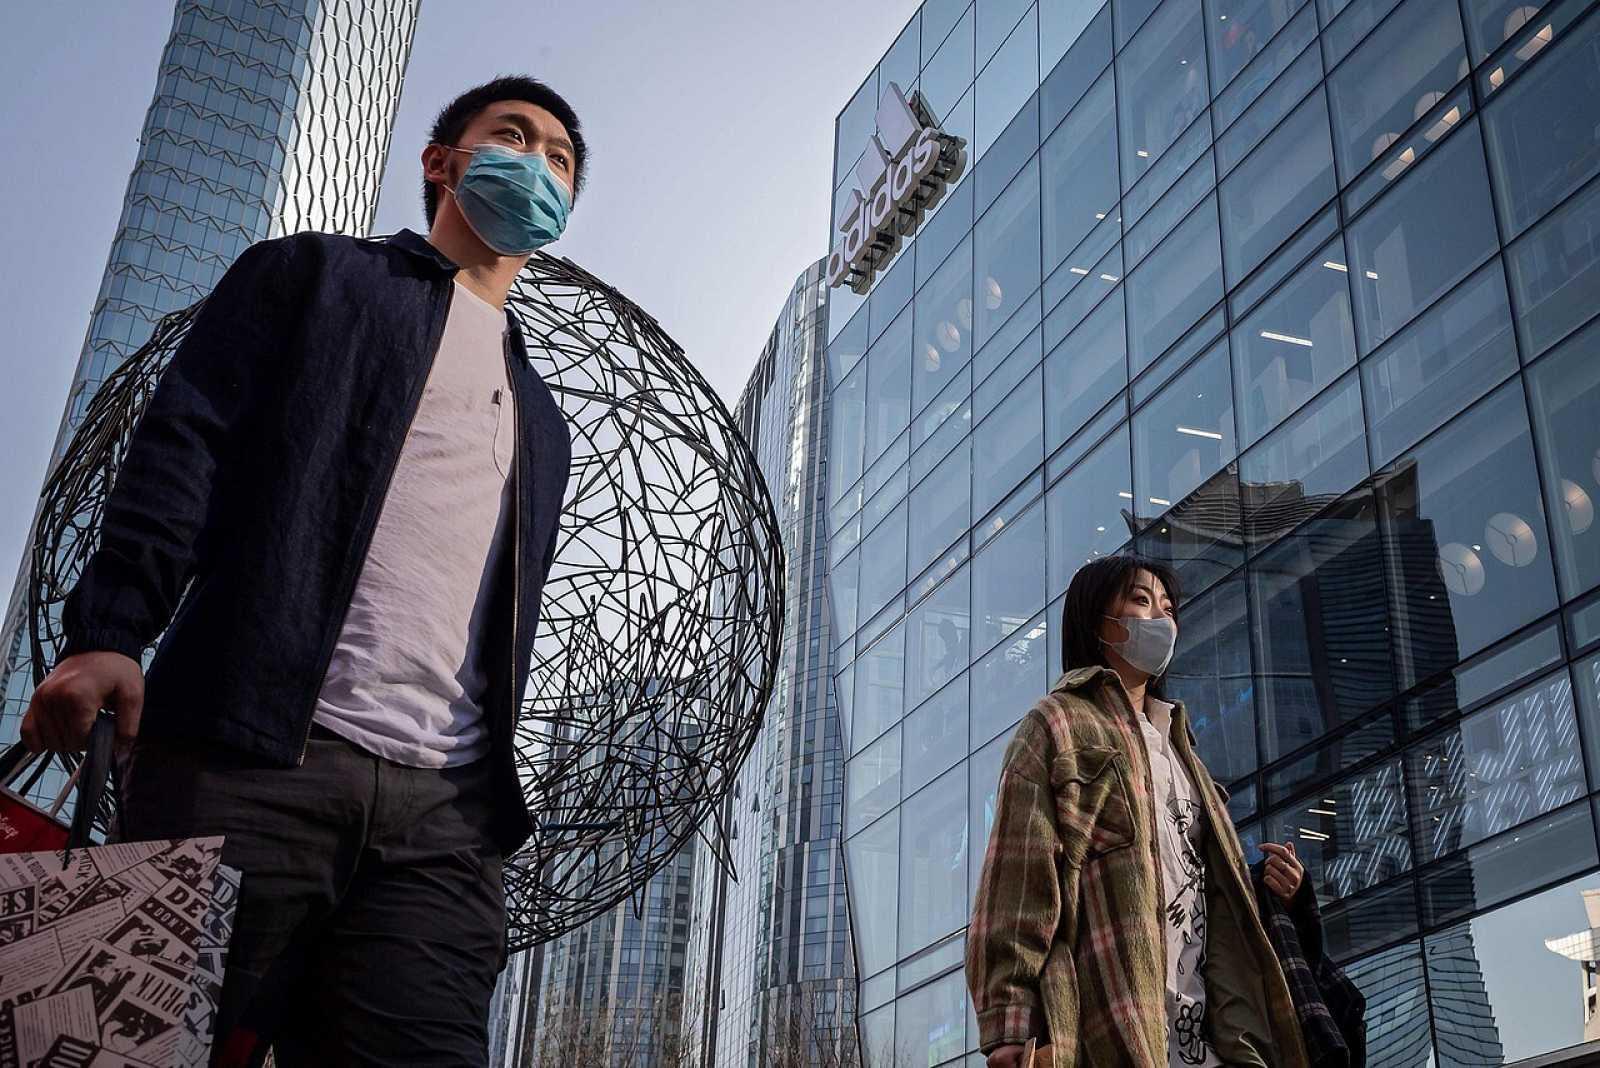 La Mañana - Coronavirus: ¿Cómo se ve desde China la gestión de la crisis en España?